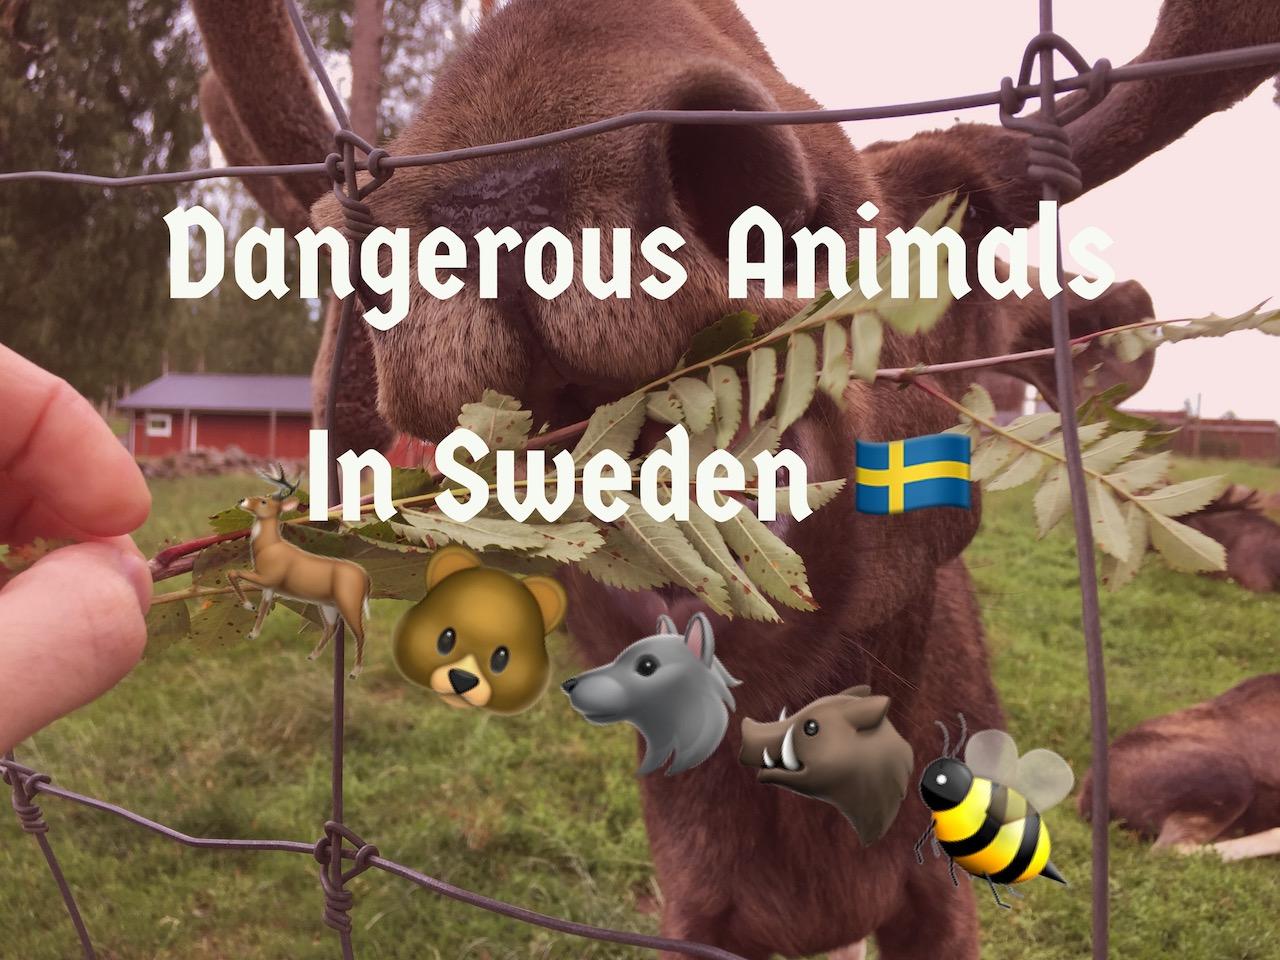 Dangerous animals in Sweden